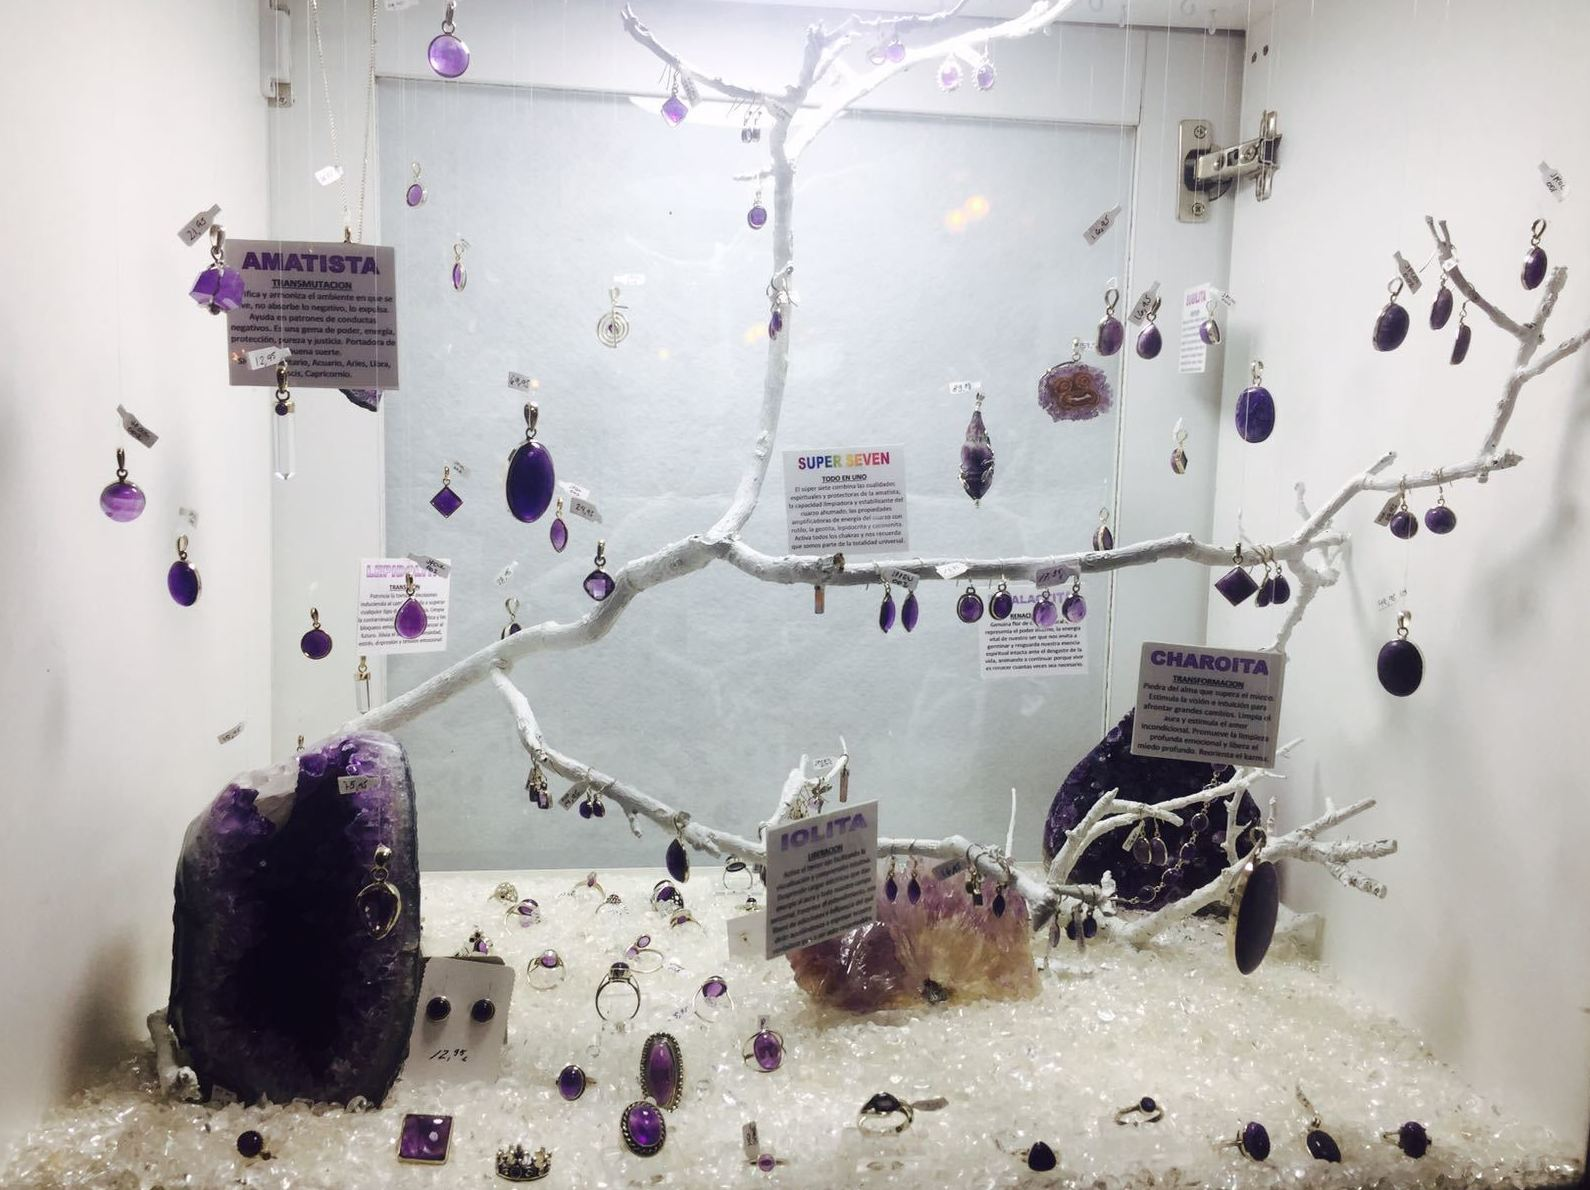 Amatista, iolita, charoita, súper seven, lioidolita. Auténticos minerales con plata realizados a mano. Descubre sus propiedades en tí.